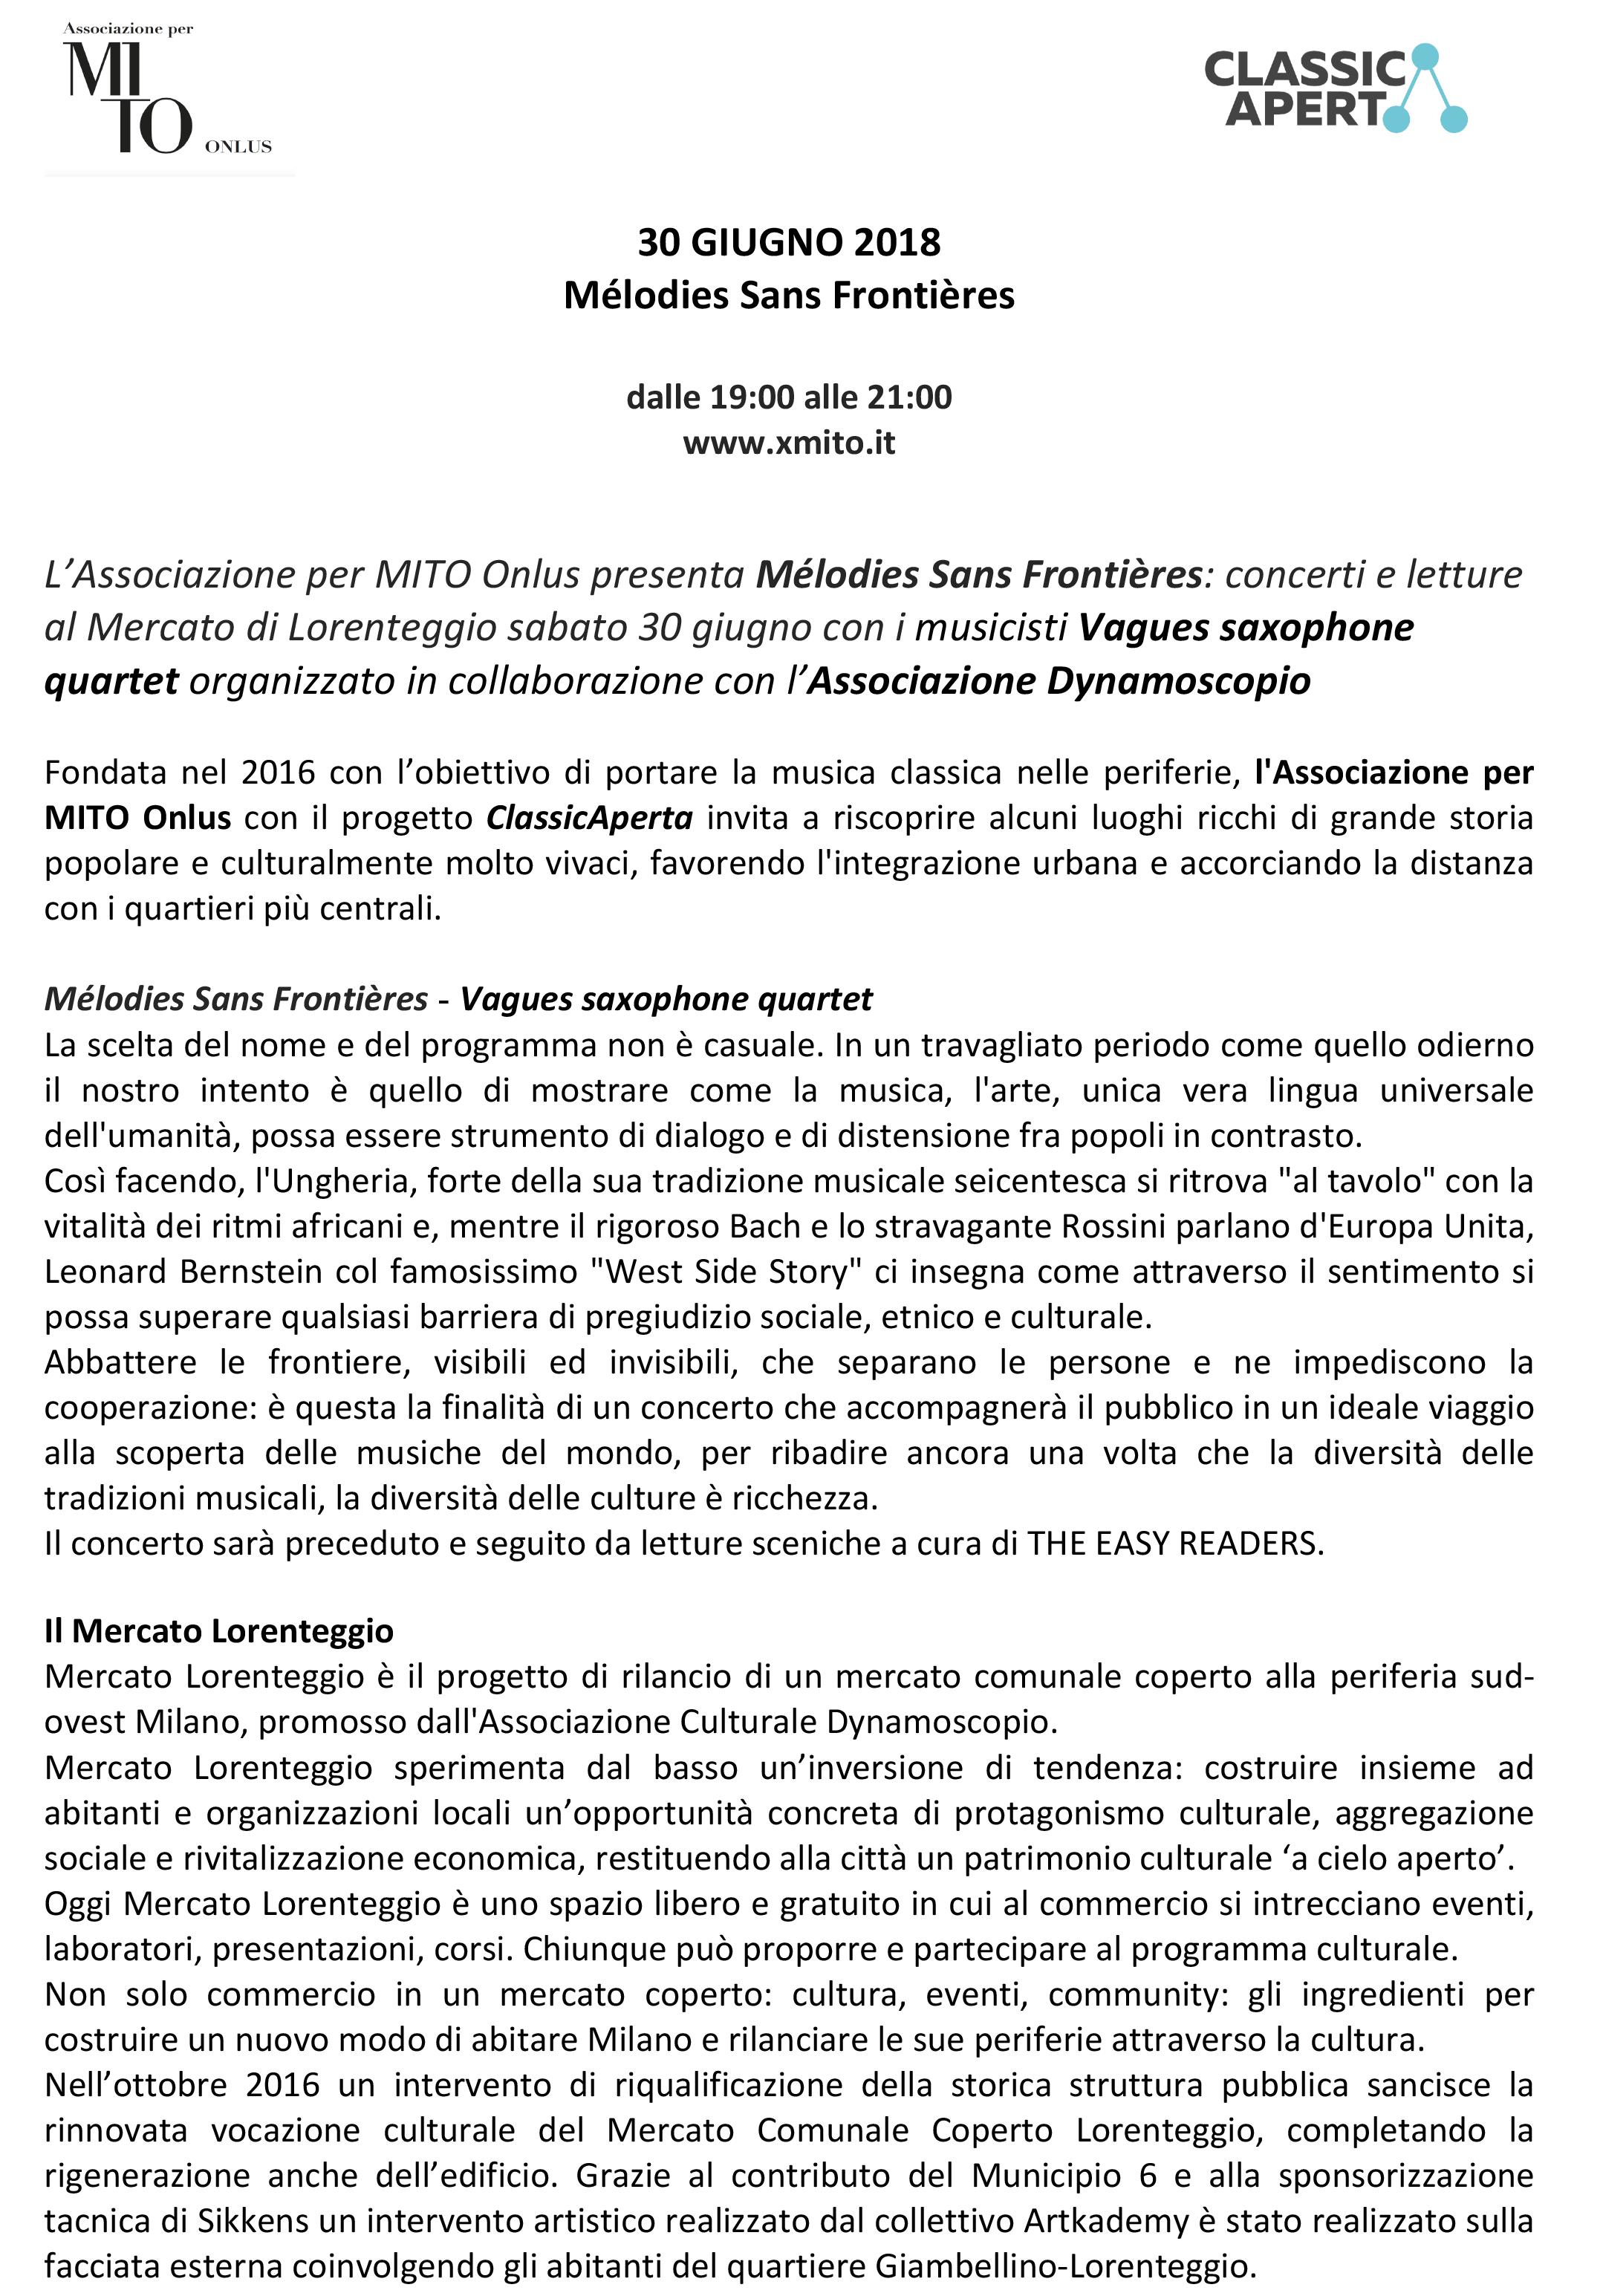 ClassicAperta-CS-30-06-2018-1